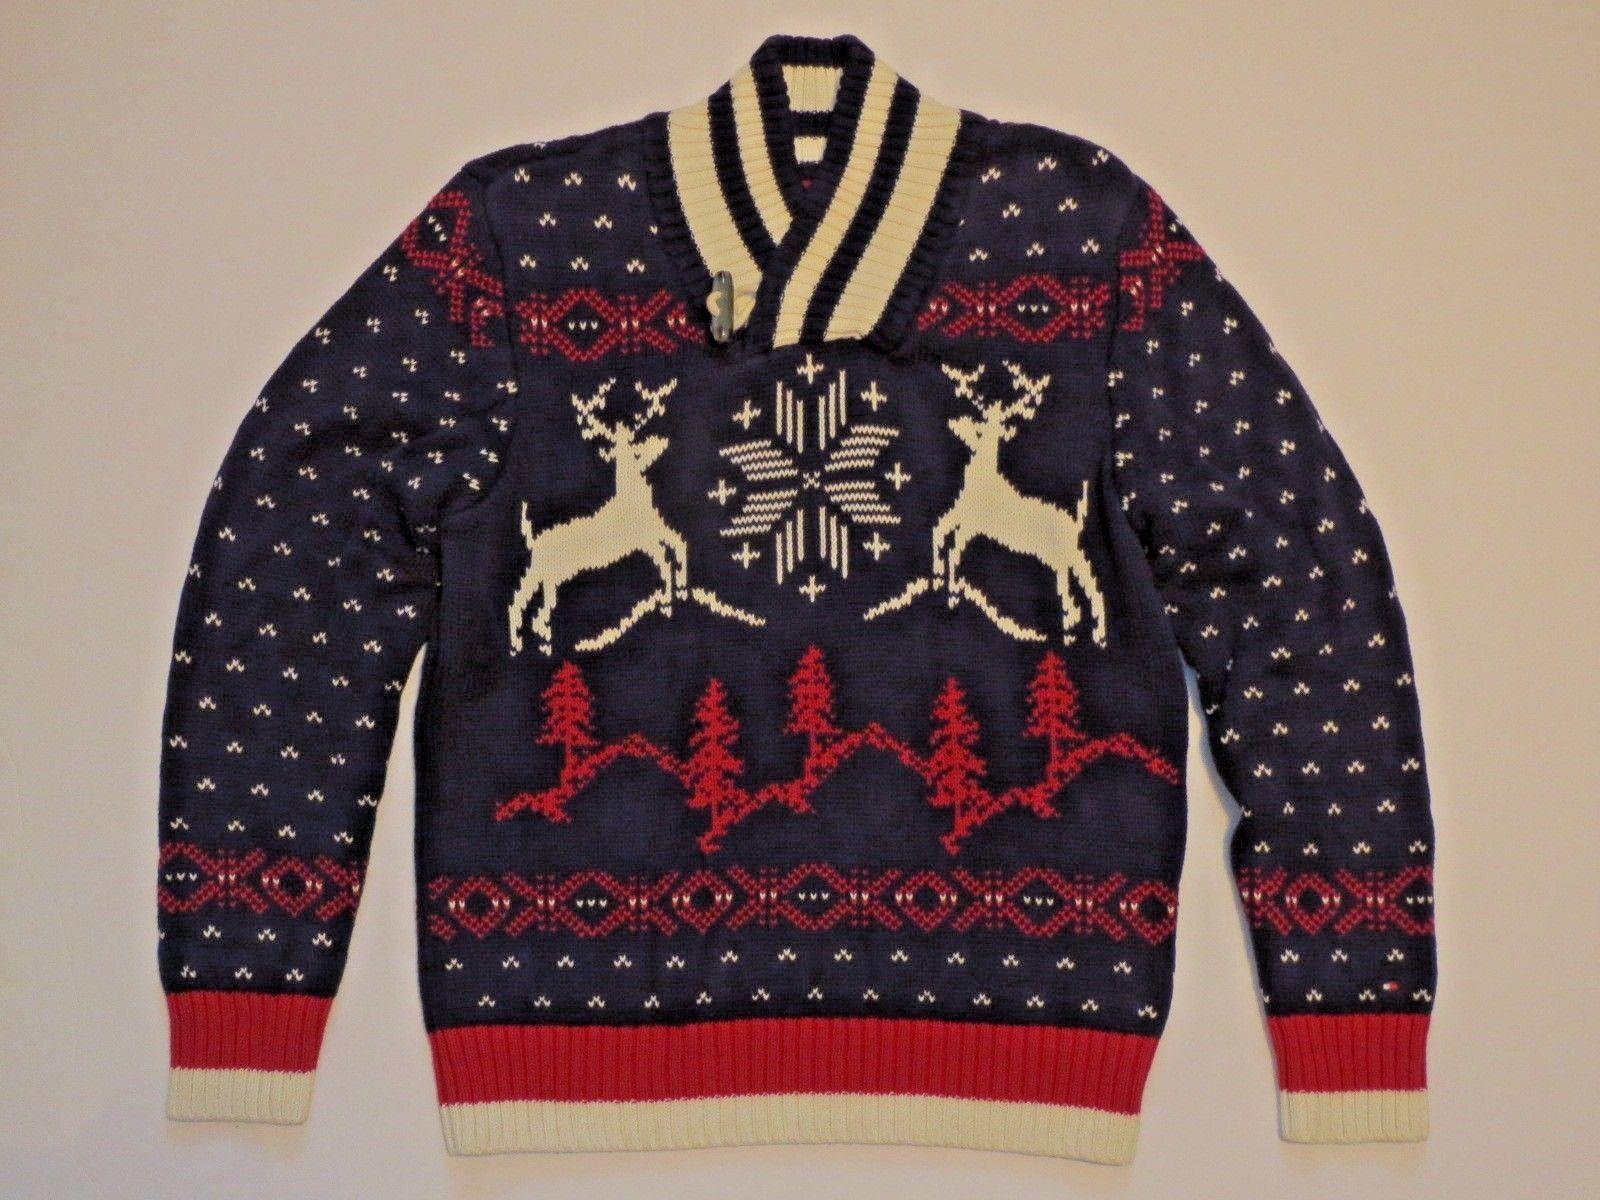 NWT Boys TOMMY HILFIGER Shawl Collar Fair Isle Holiday Sweater Navy M 12-14 L 16